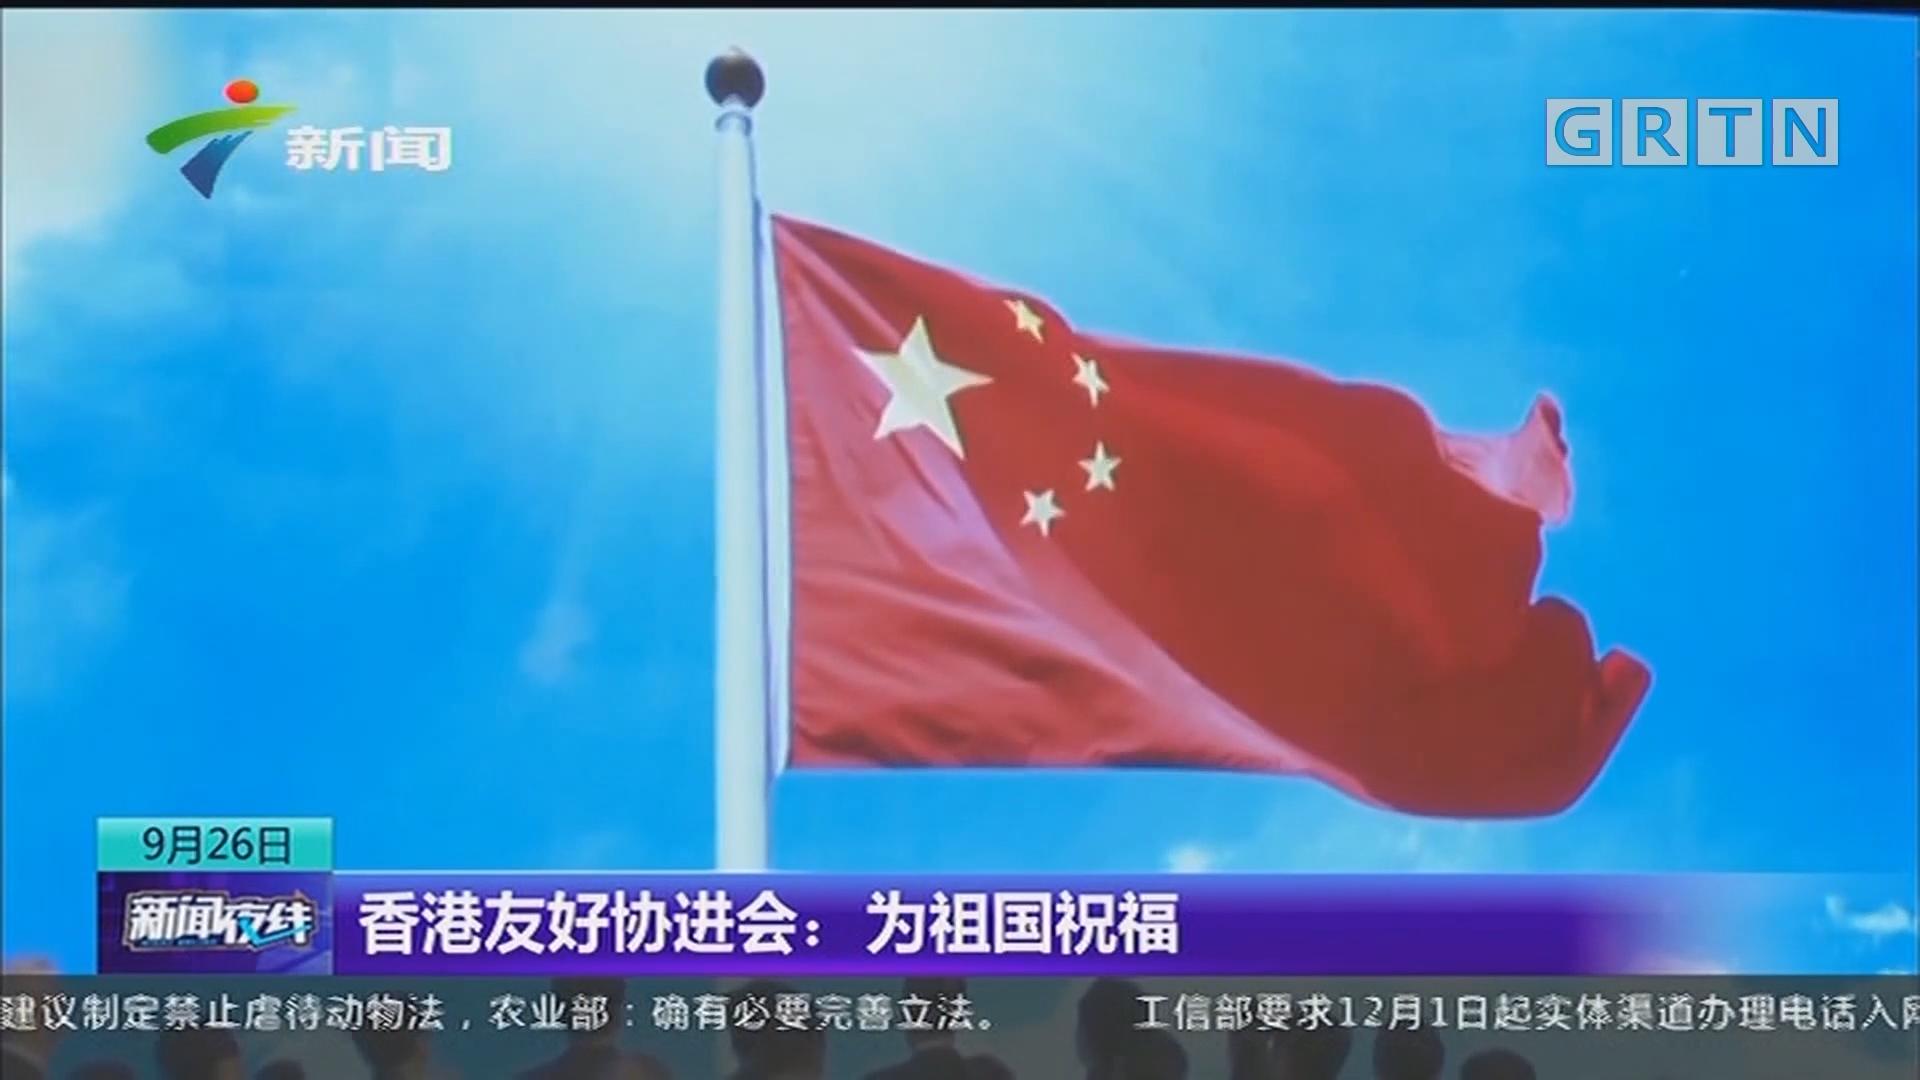 香港友好协进会:为祖国祝福